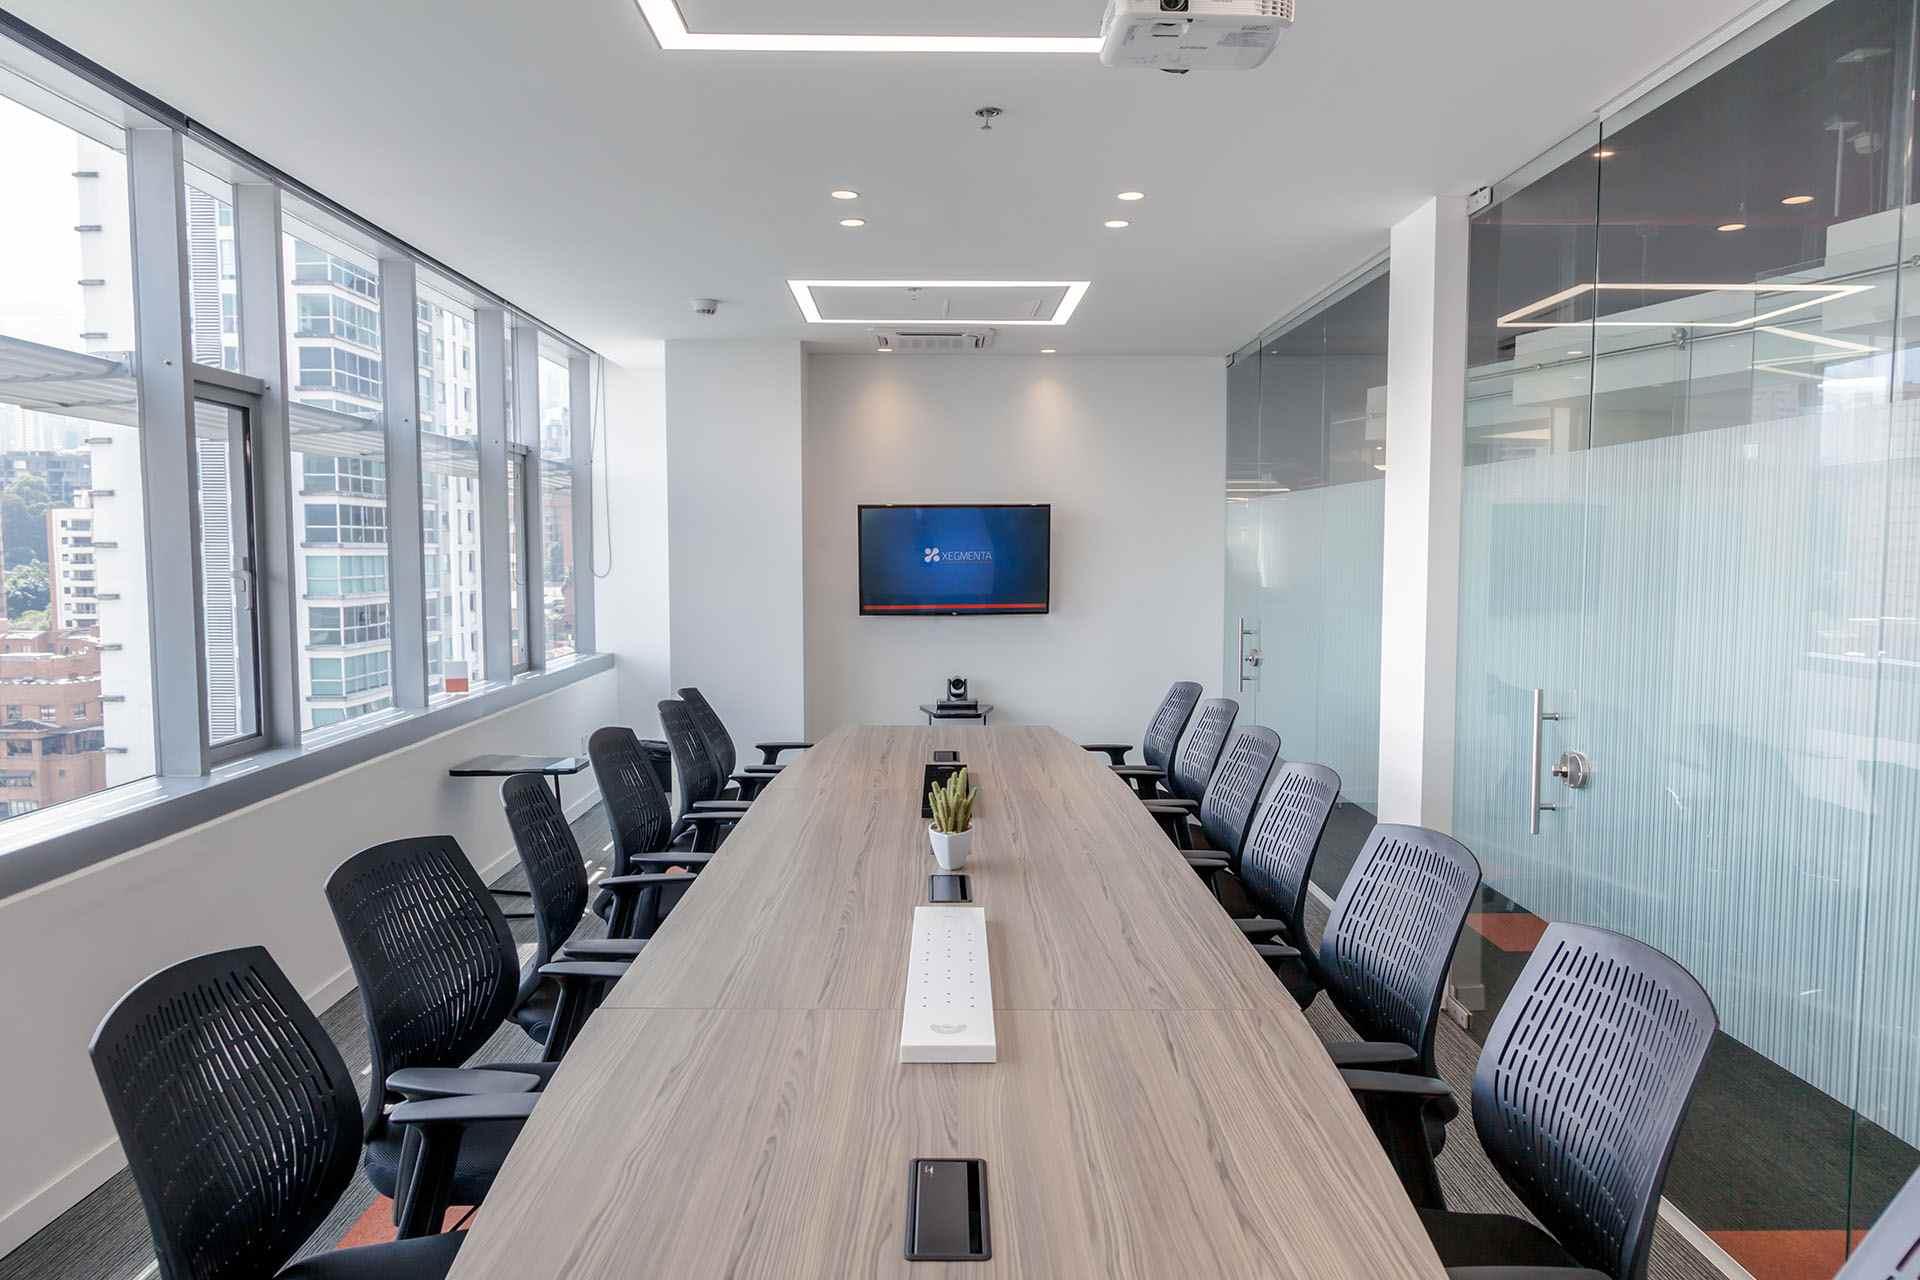 Imagen Sala de Videoconferencia y Telepresencia Xegmenta